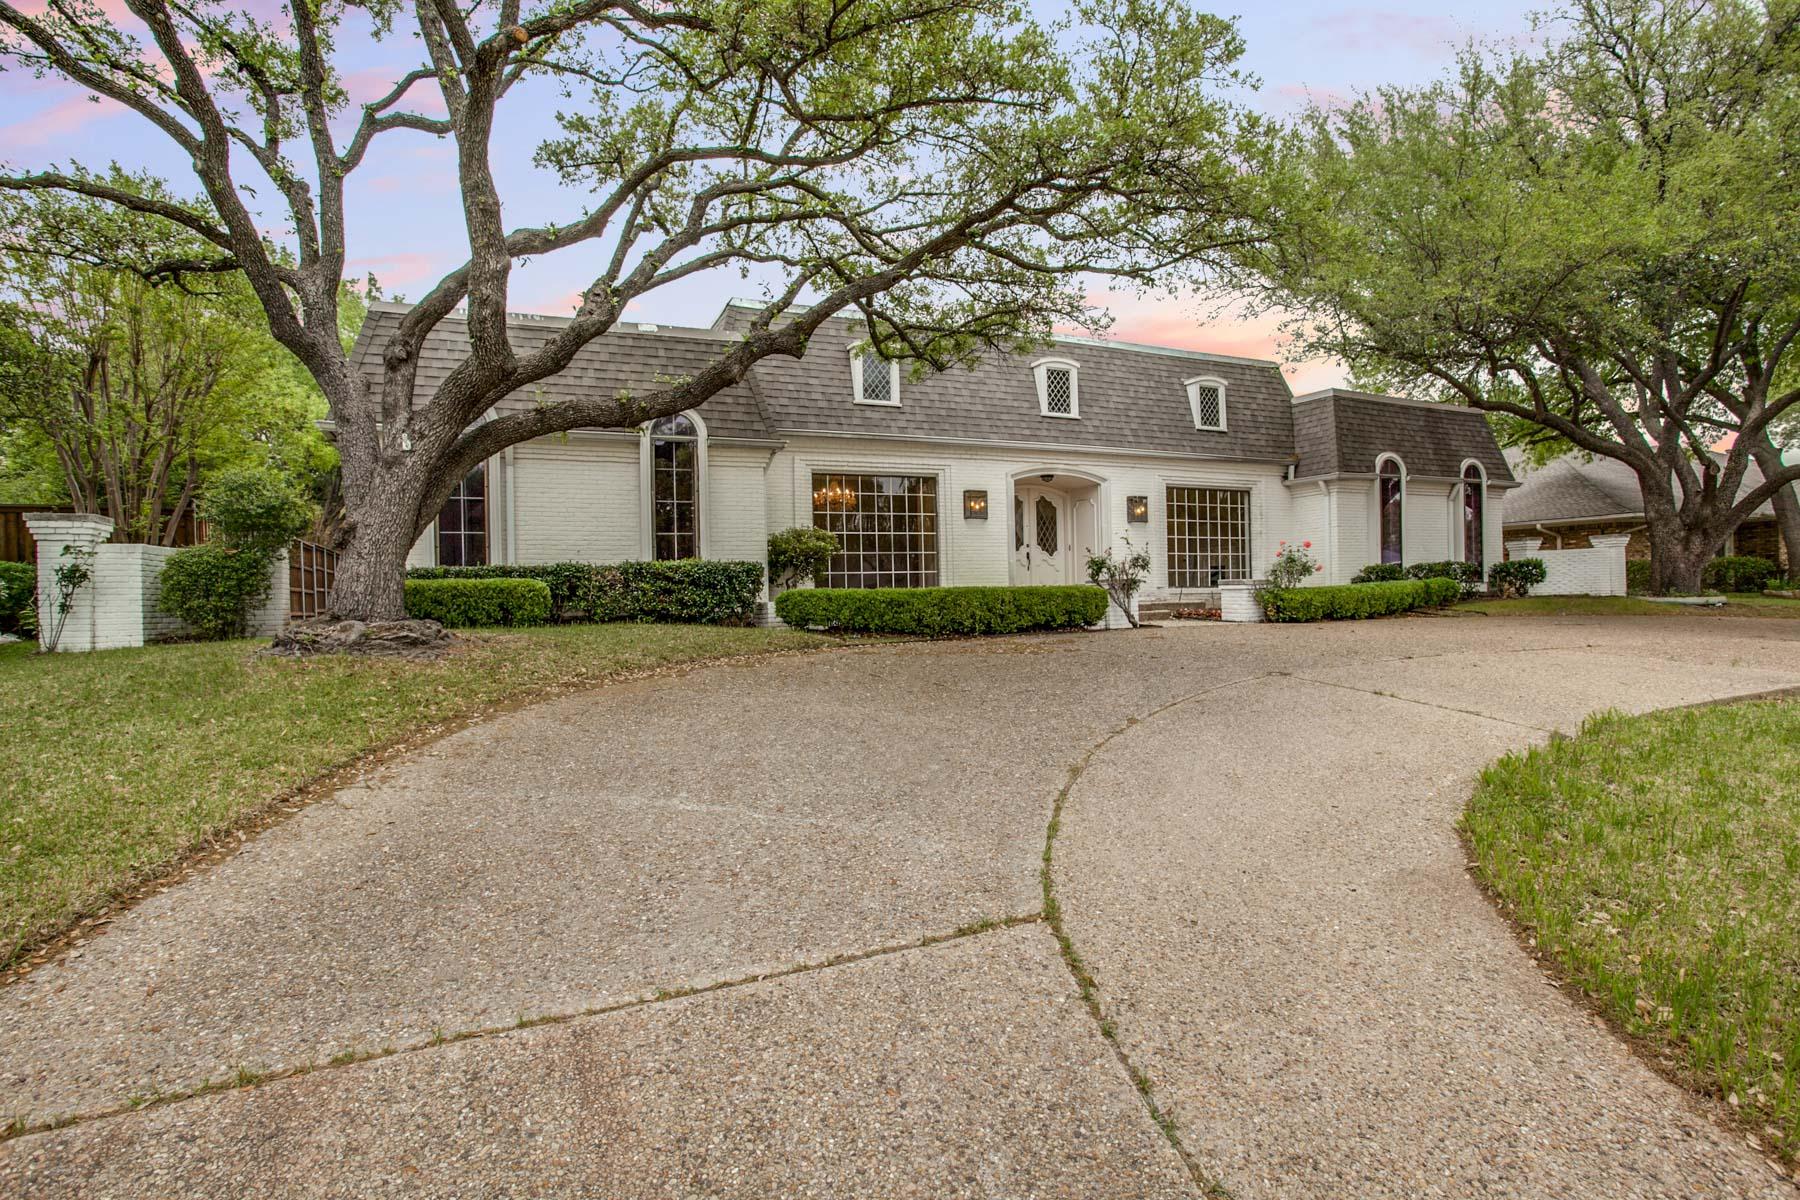 獨棟家庭住宅 為 出售 在 7047 Lupton Dr, Dallas Dallas, 德克薩斯州, 75225 美國